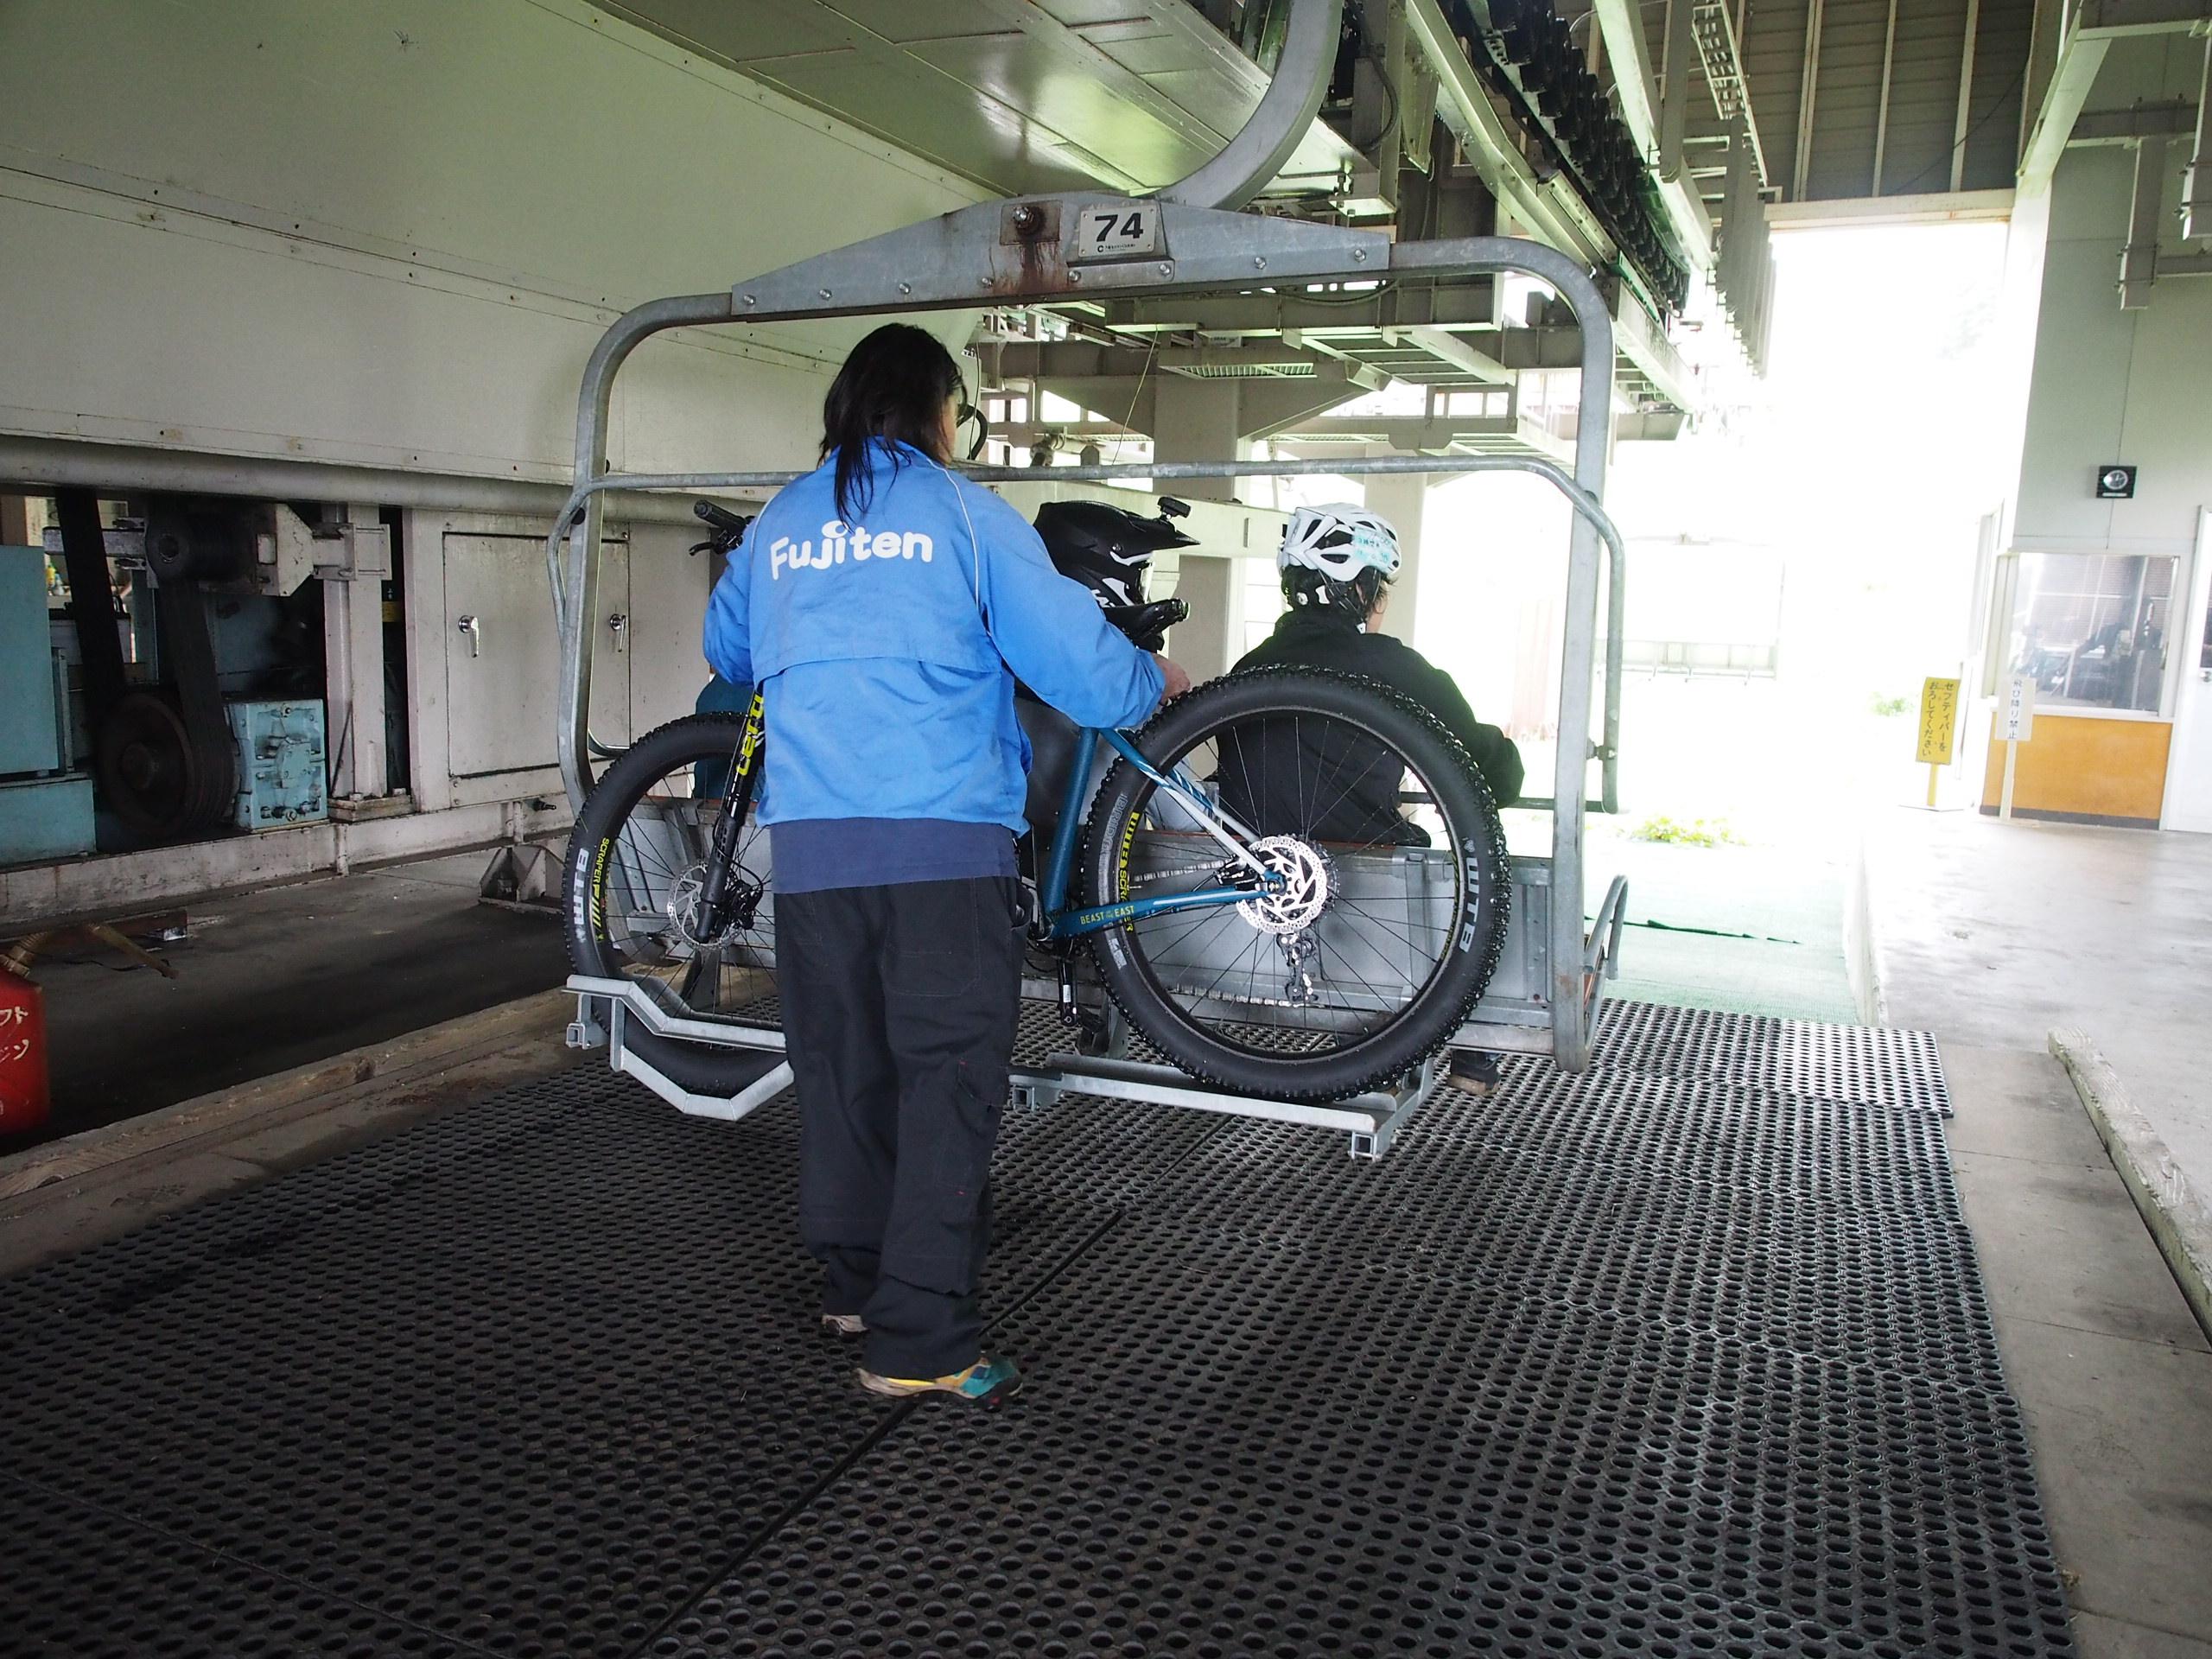 係員さんが自転車をリフトに載っけてくれます